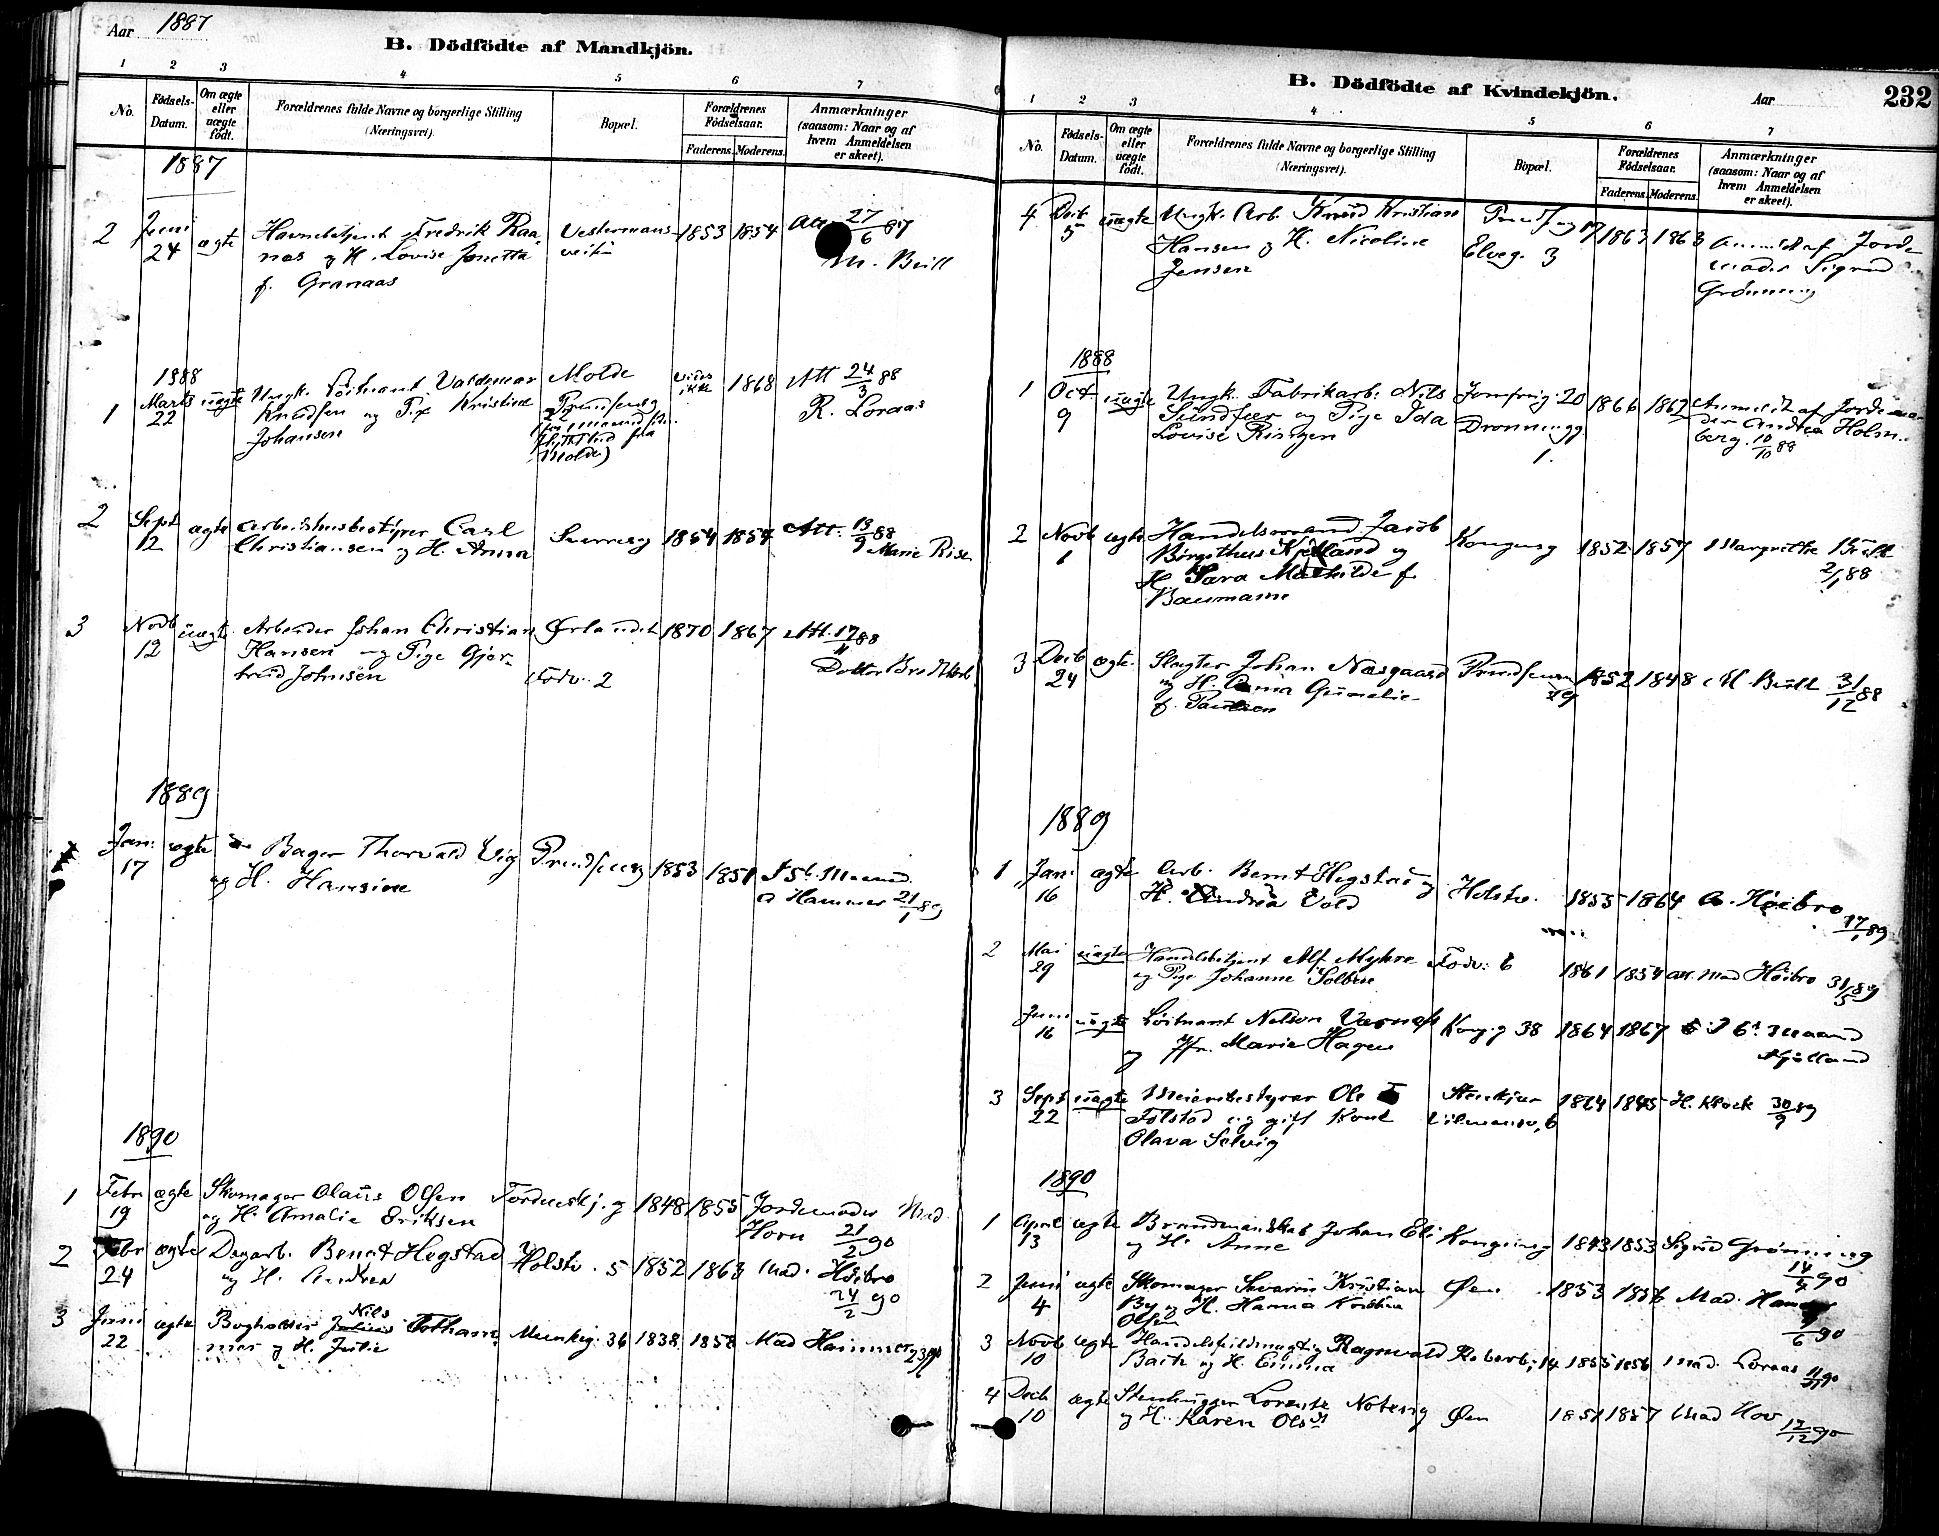 SAT, Ministerialprotokoller, klokkerbøker og fødselsregistre - Sør-Trøndelag, 601/L0057: Ministerialbok nr. 601A25, 1877-1891, s. 232